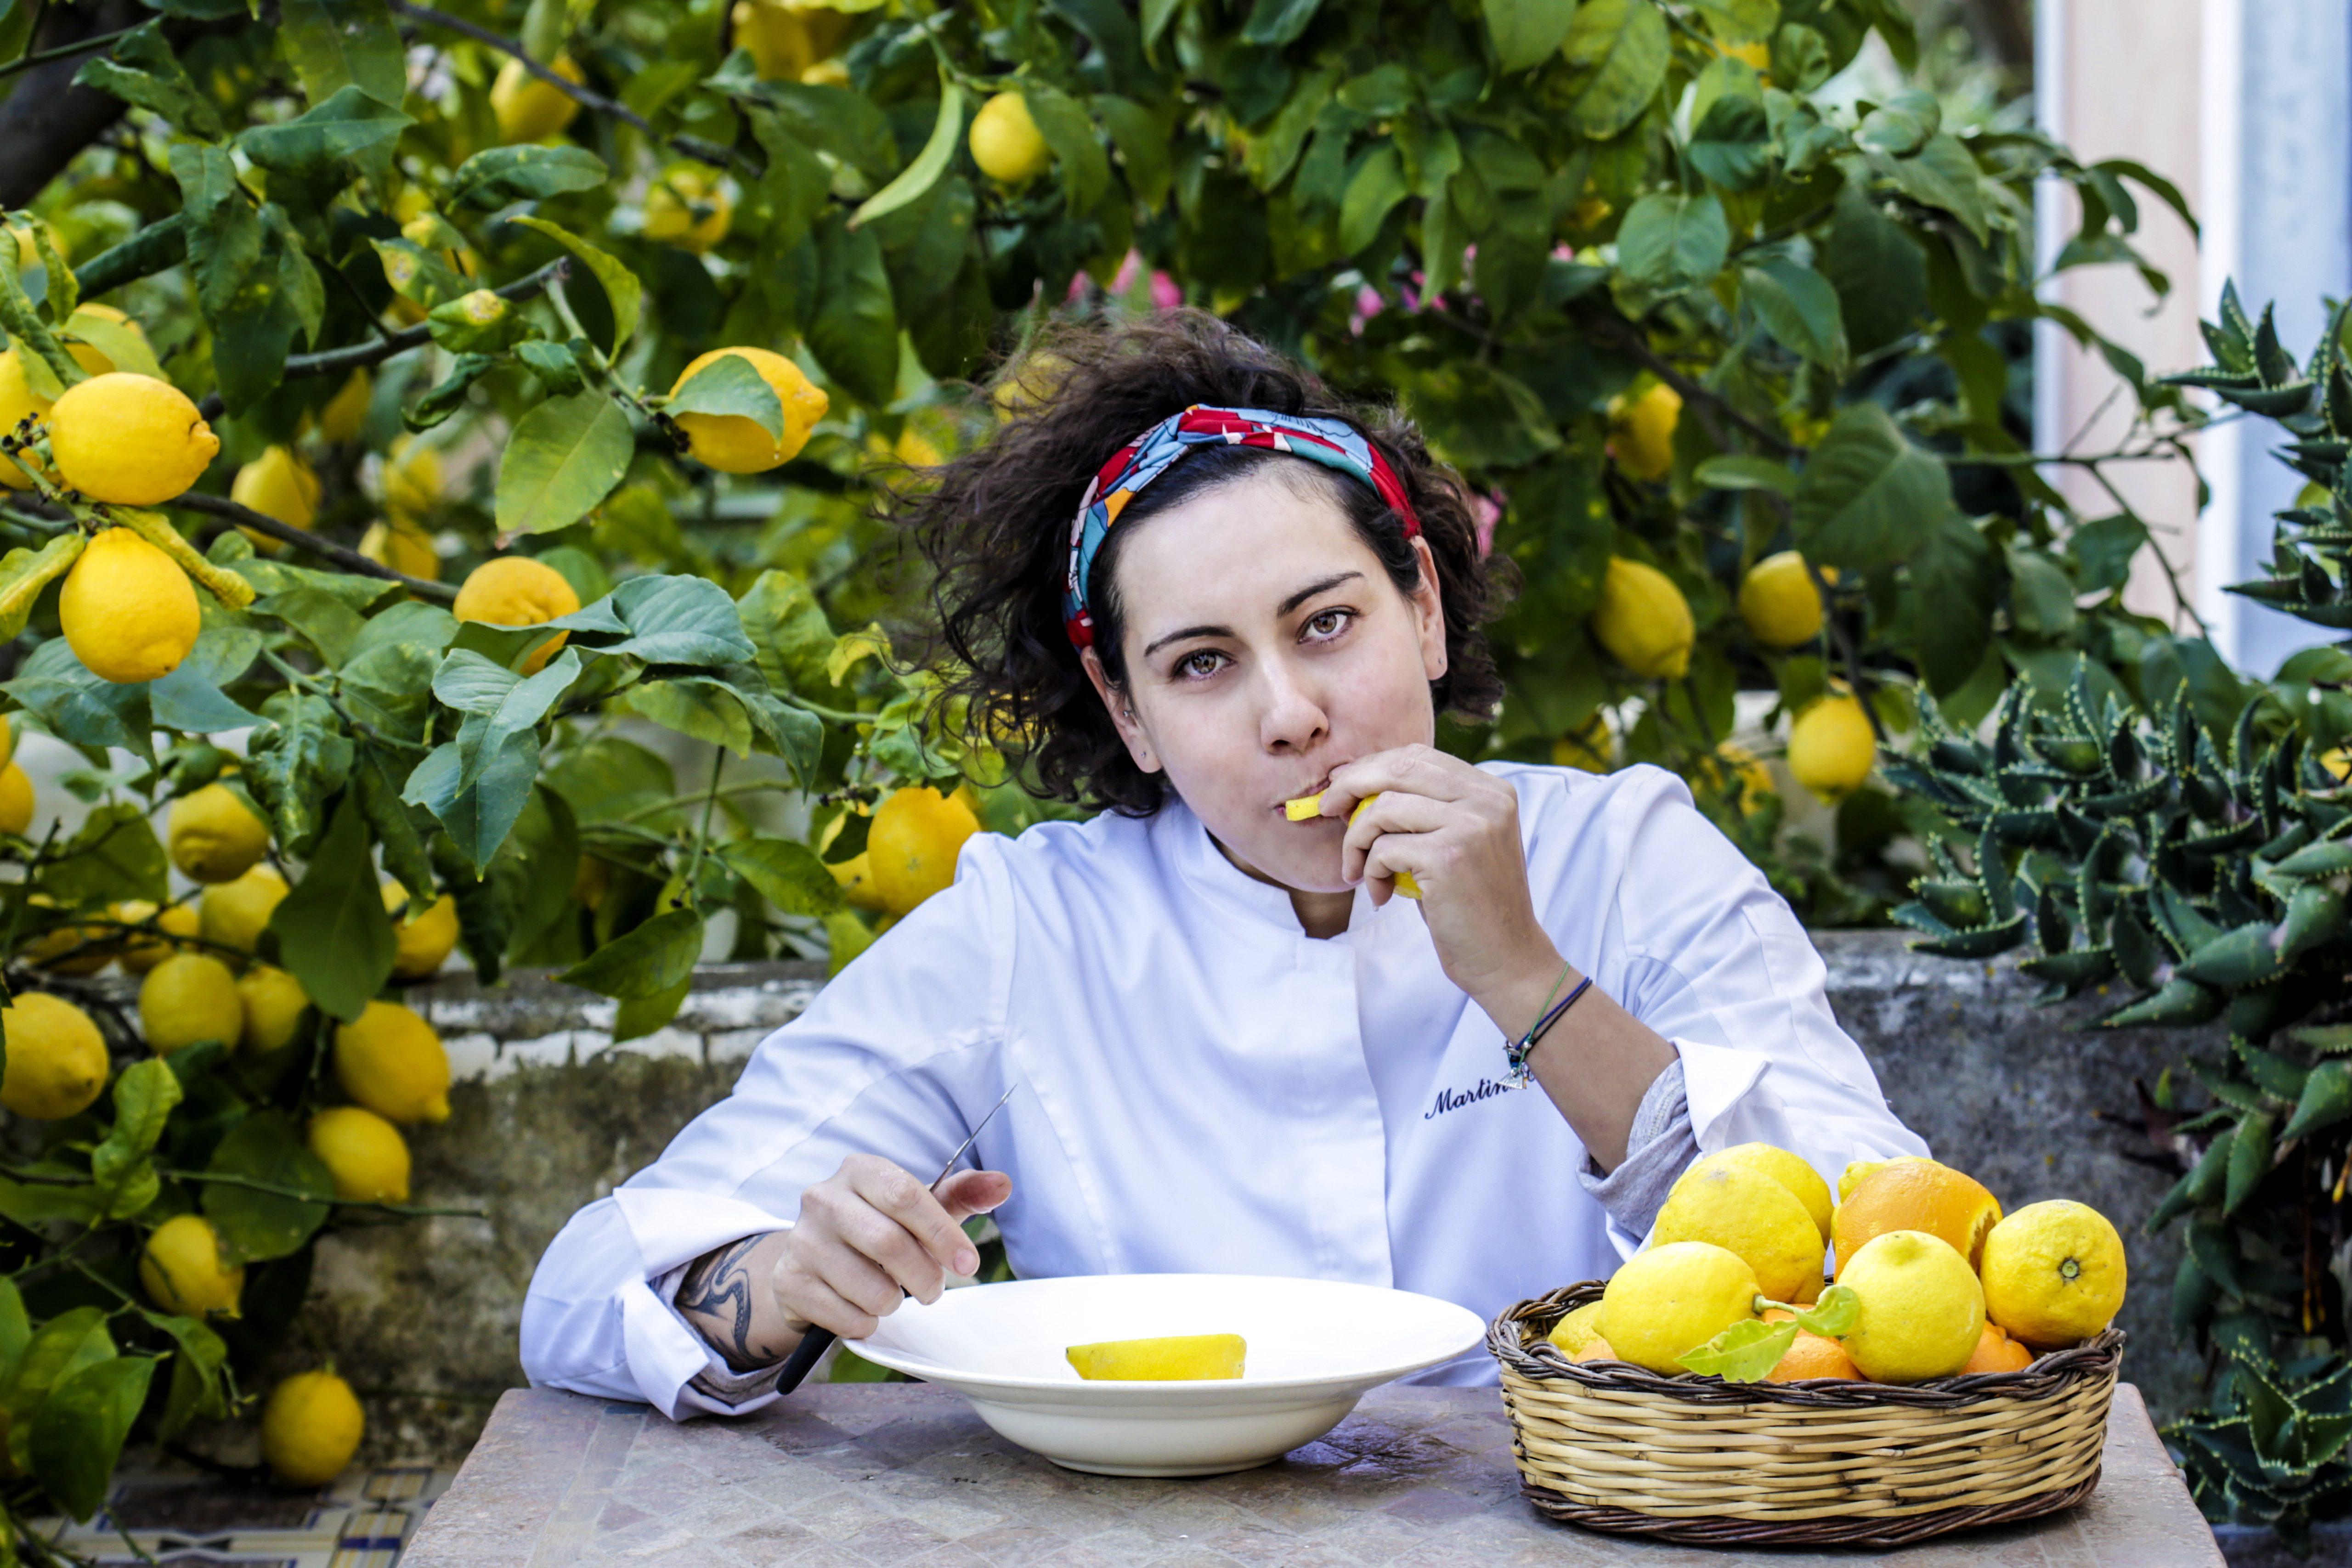 """Martina Caruso, la più giovane stellata d'Italia: """"Il Signum è una questione di famiglia"""""""